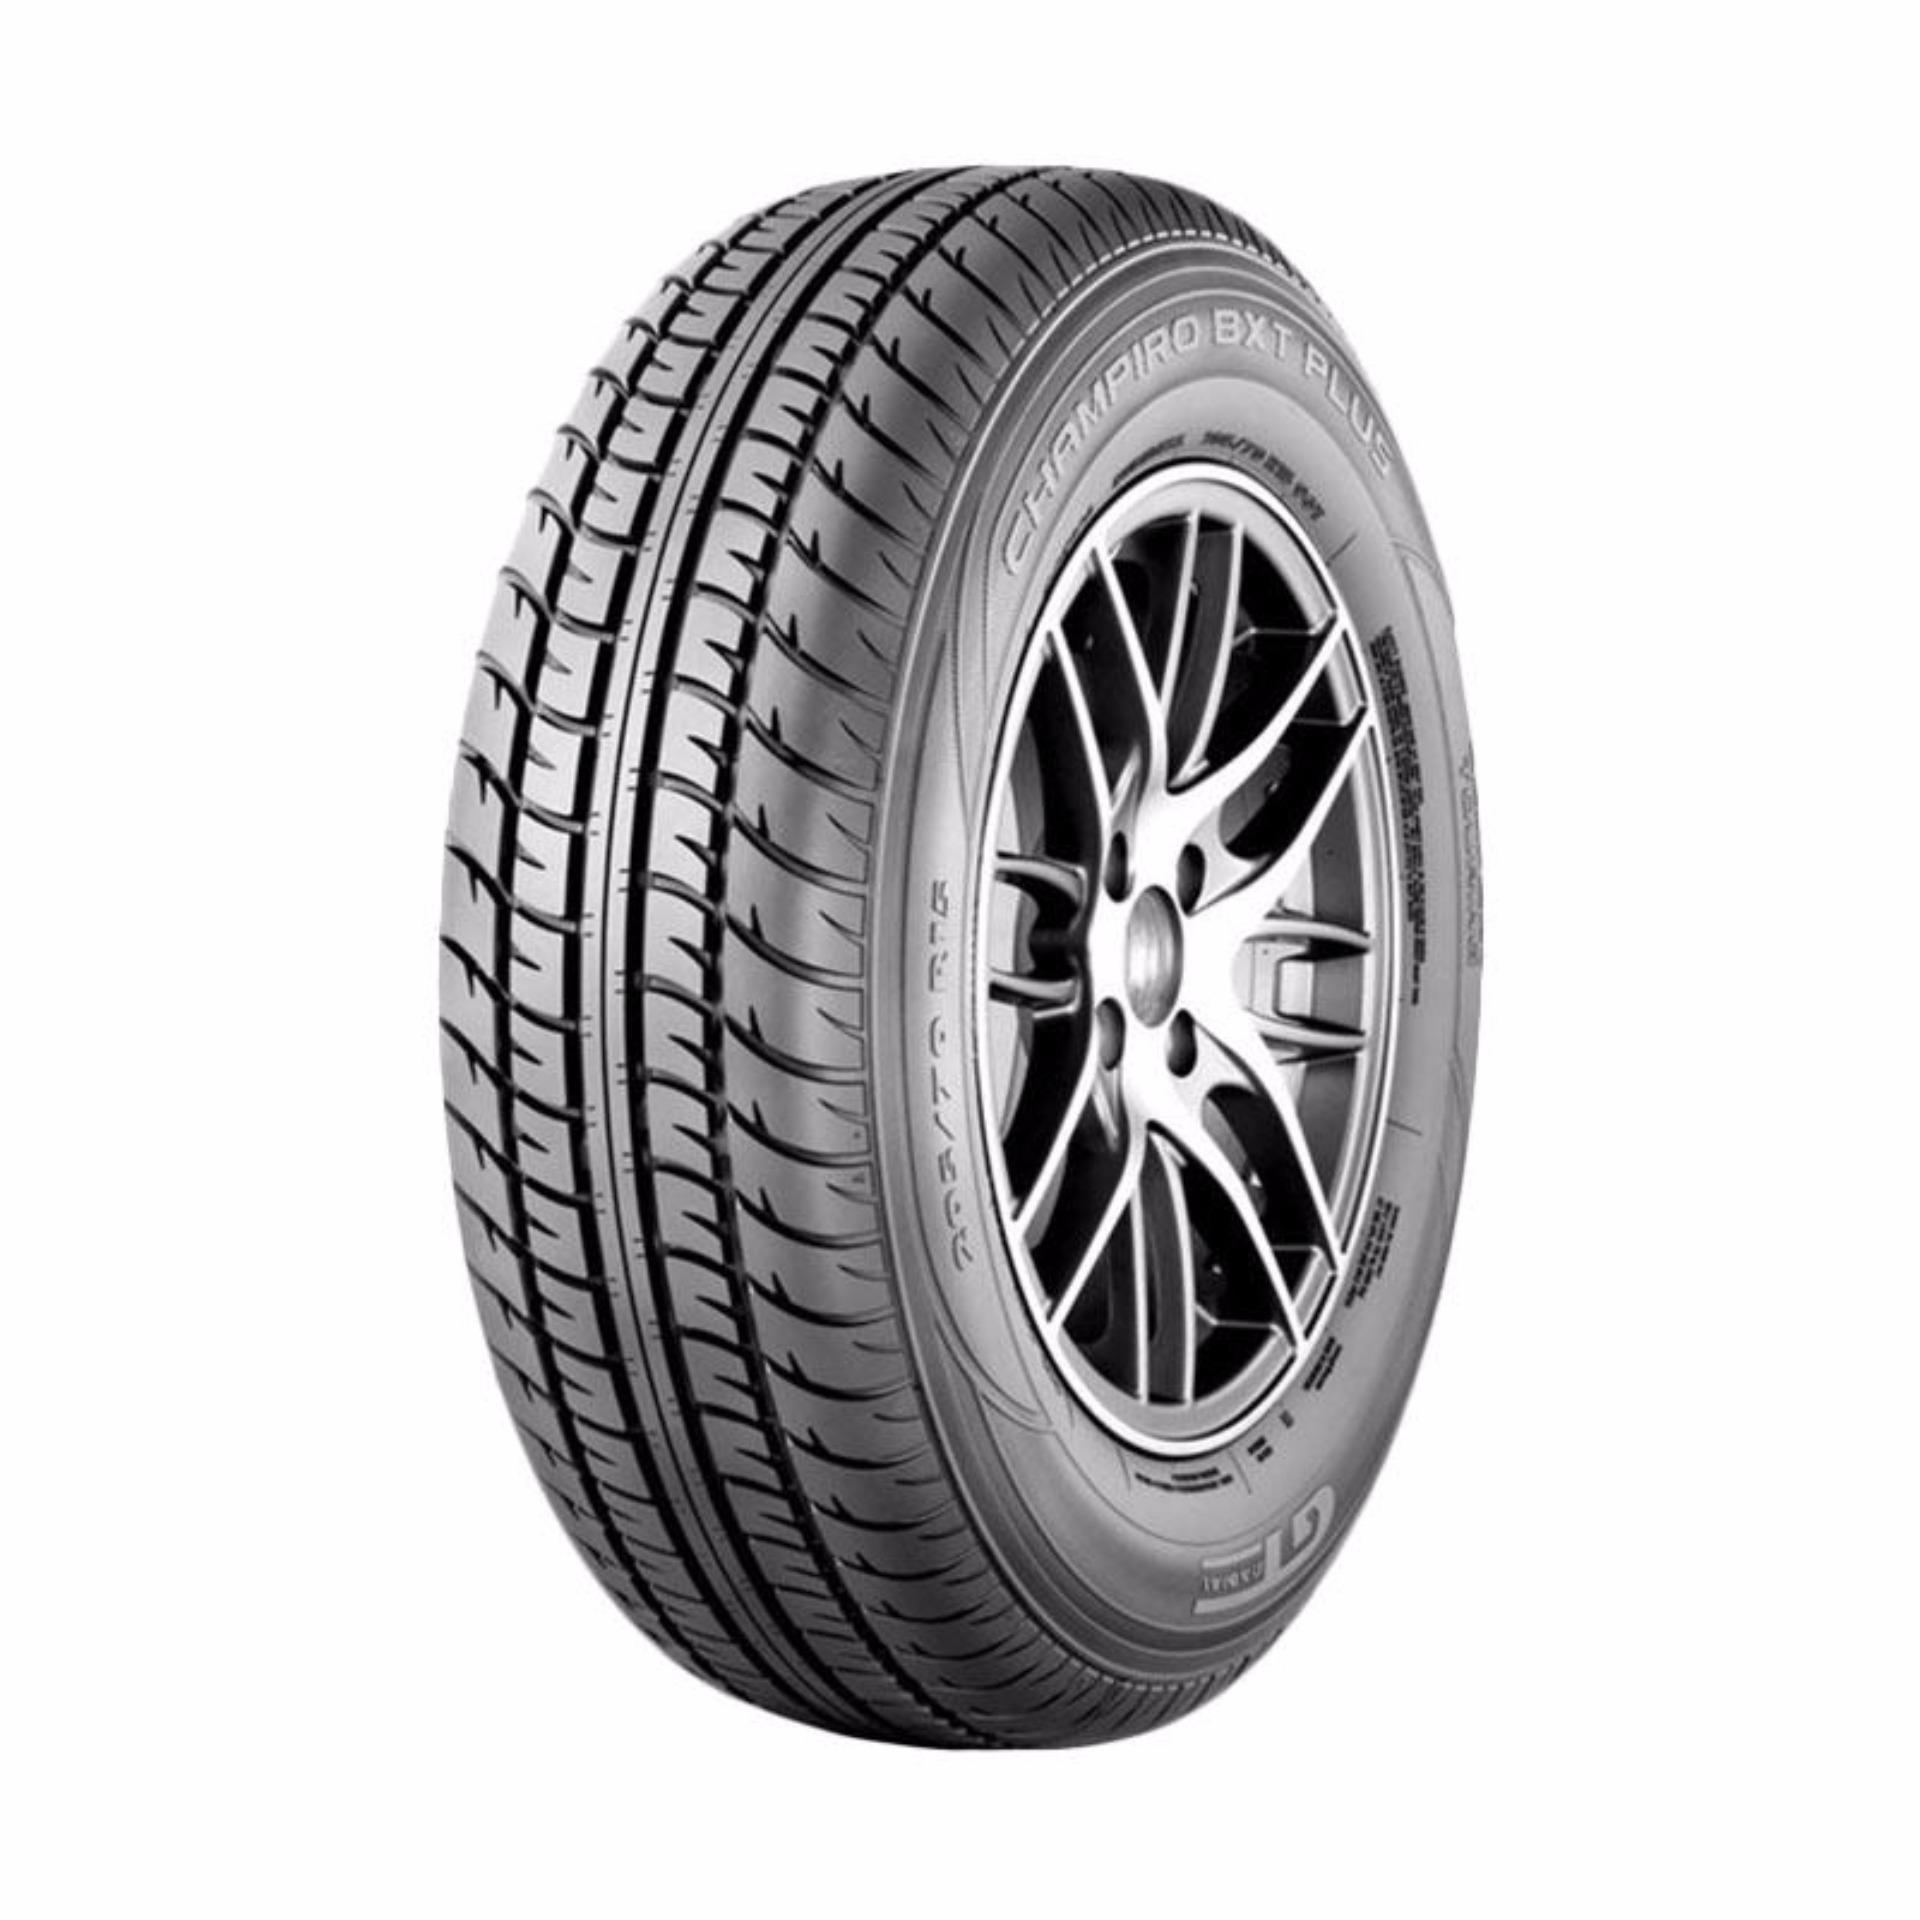 Dunlop St30 225 65 R17 Ban Mobil Gratis Instalasi Daftar Harga D80v4 205 R15 Vocer Gt Champiro Bxt Plus 185 70 R14